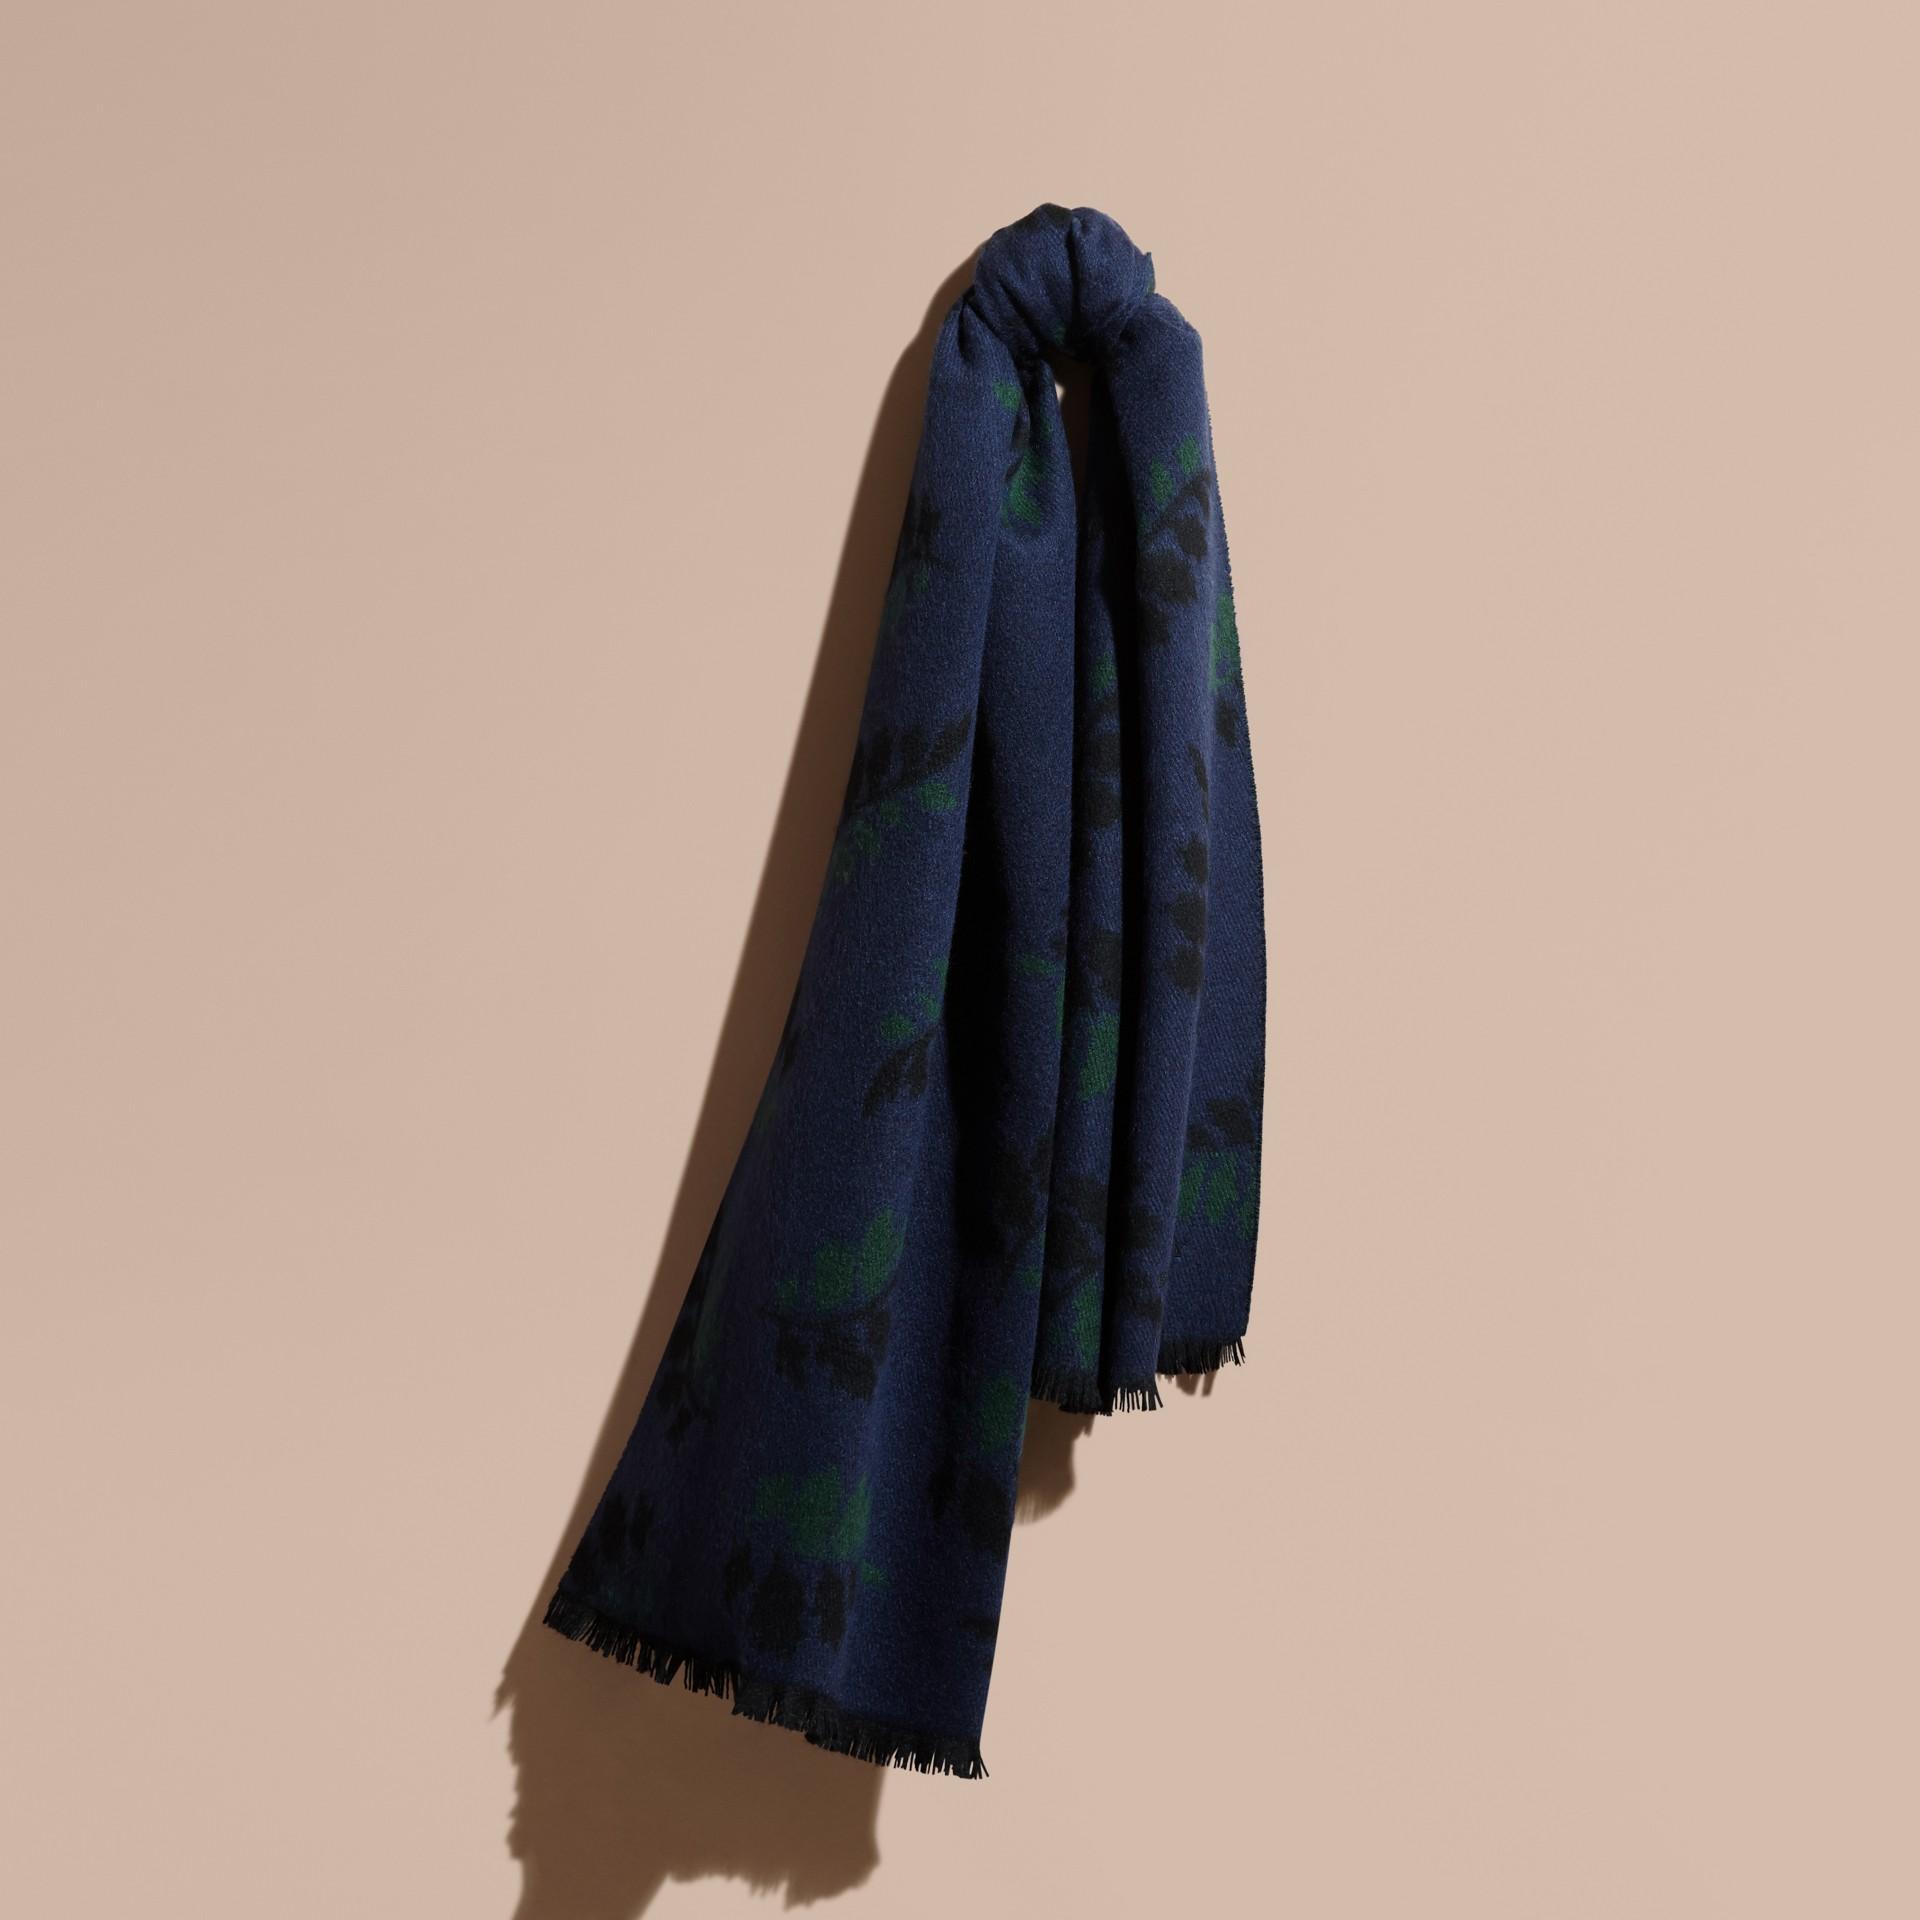 ネイビー リーフジャカード カシミアスカーフ ネイビー - ギャラリーイメージ 1